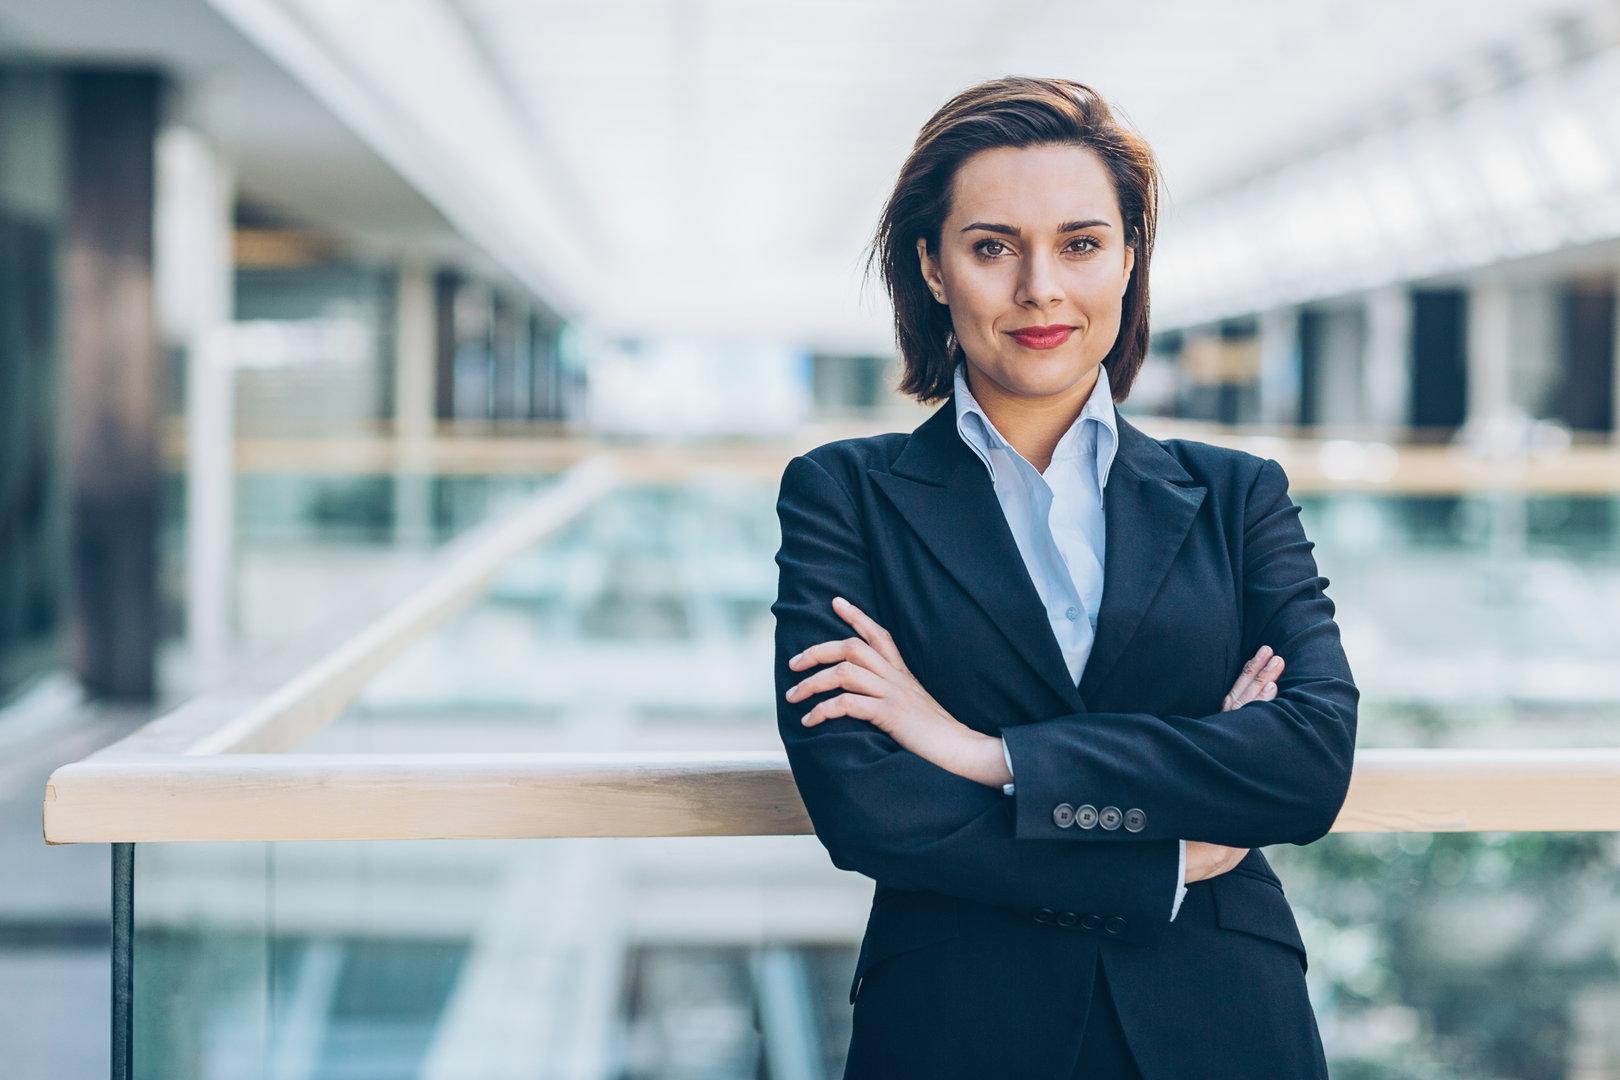 Männer folgen auf Managerinnen: Der Verlust der weiblichen Vorbilder